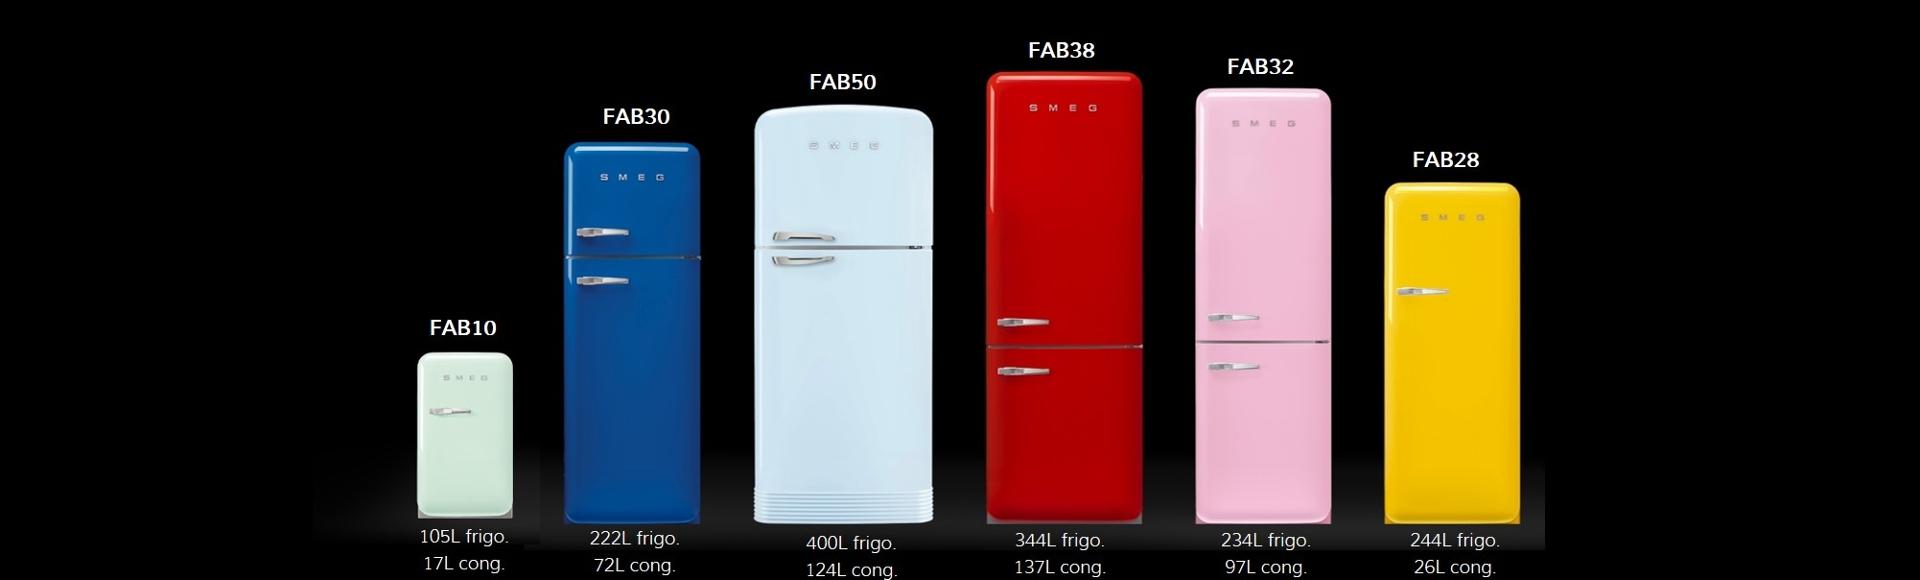 Collezione frigoriferi FAB 50's style